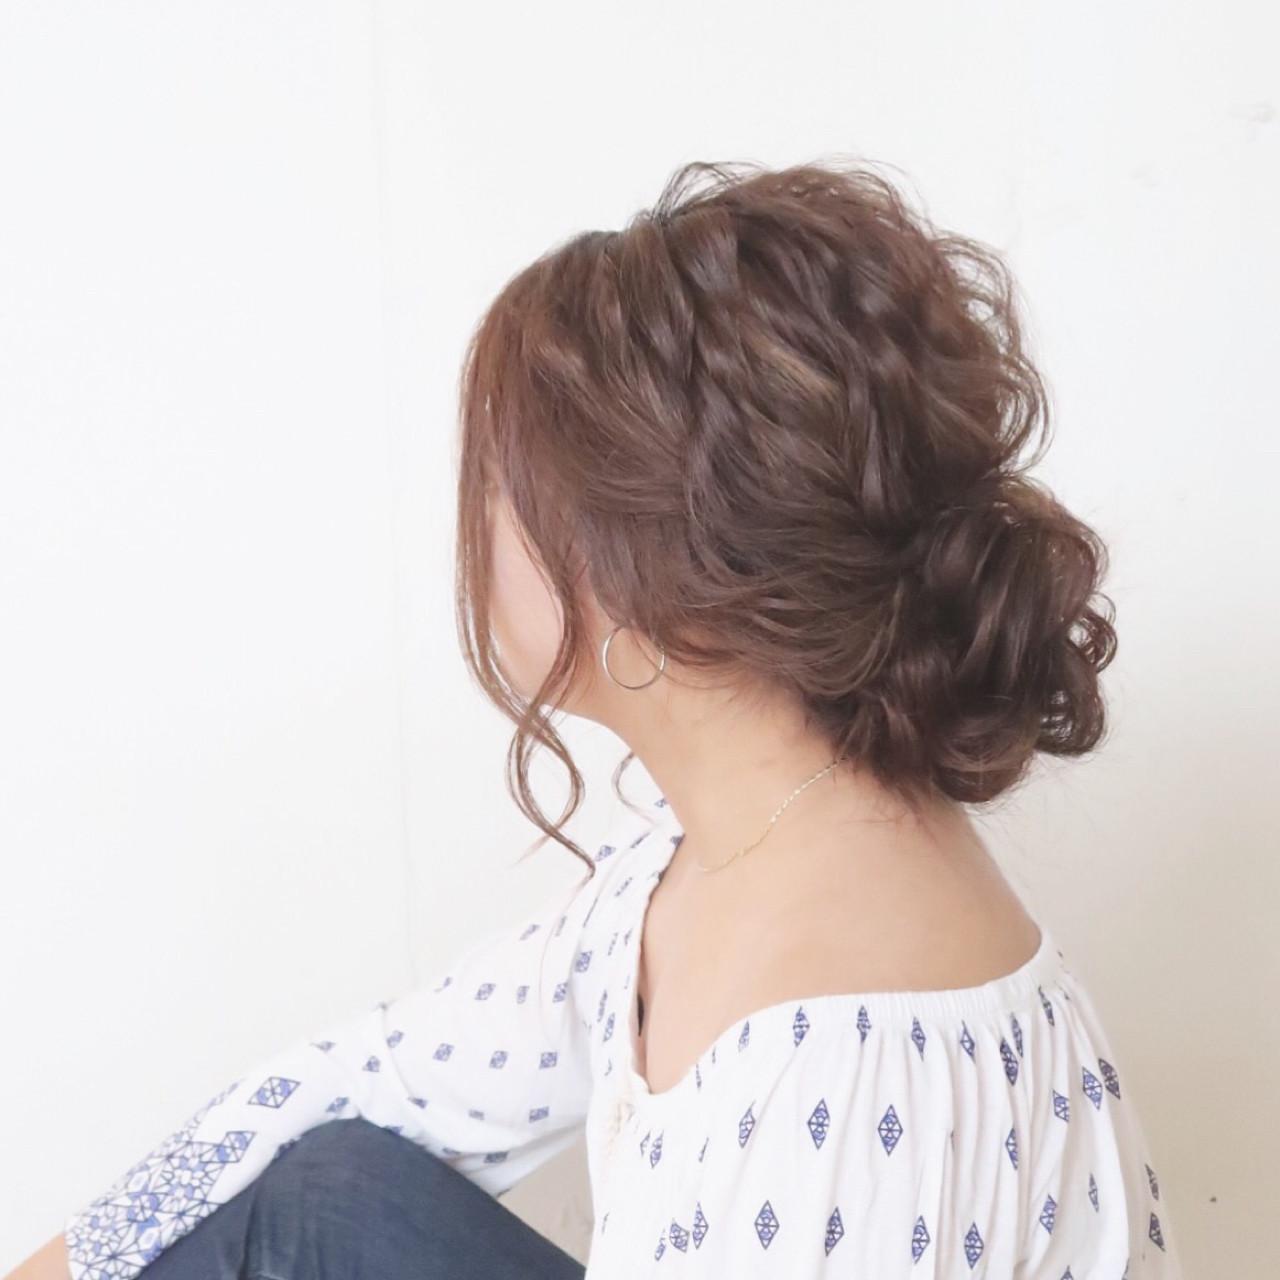 リラックス ヘアアレンジ ナチュラル ゆるふわ ヘアスタイルや髪型の写真・画像